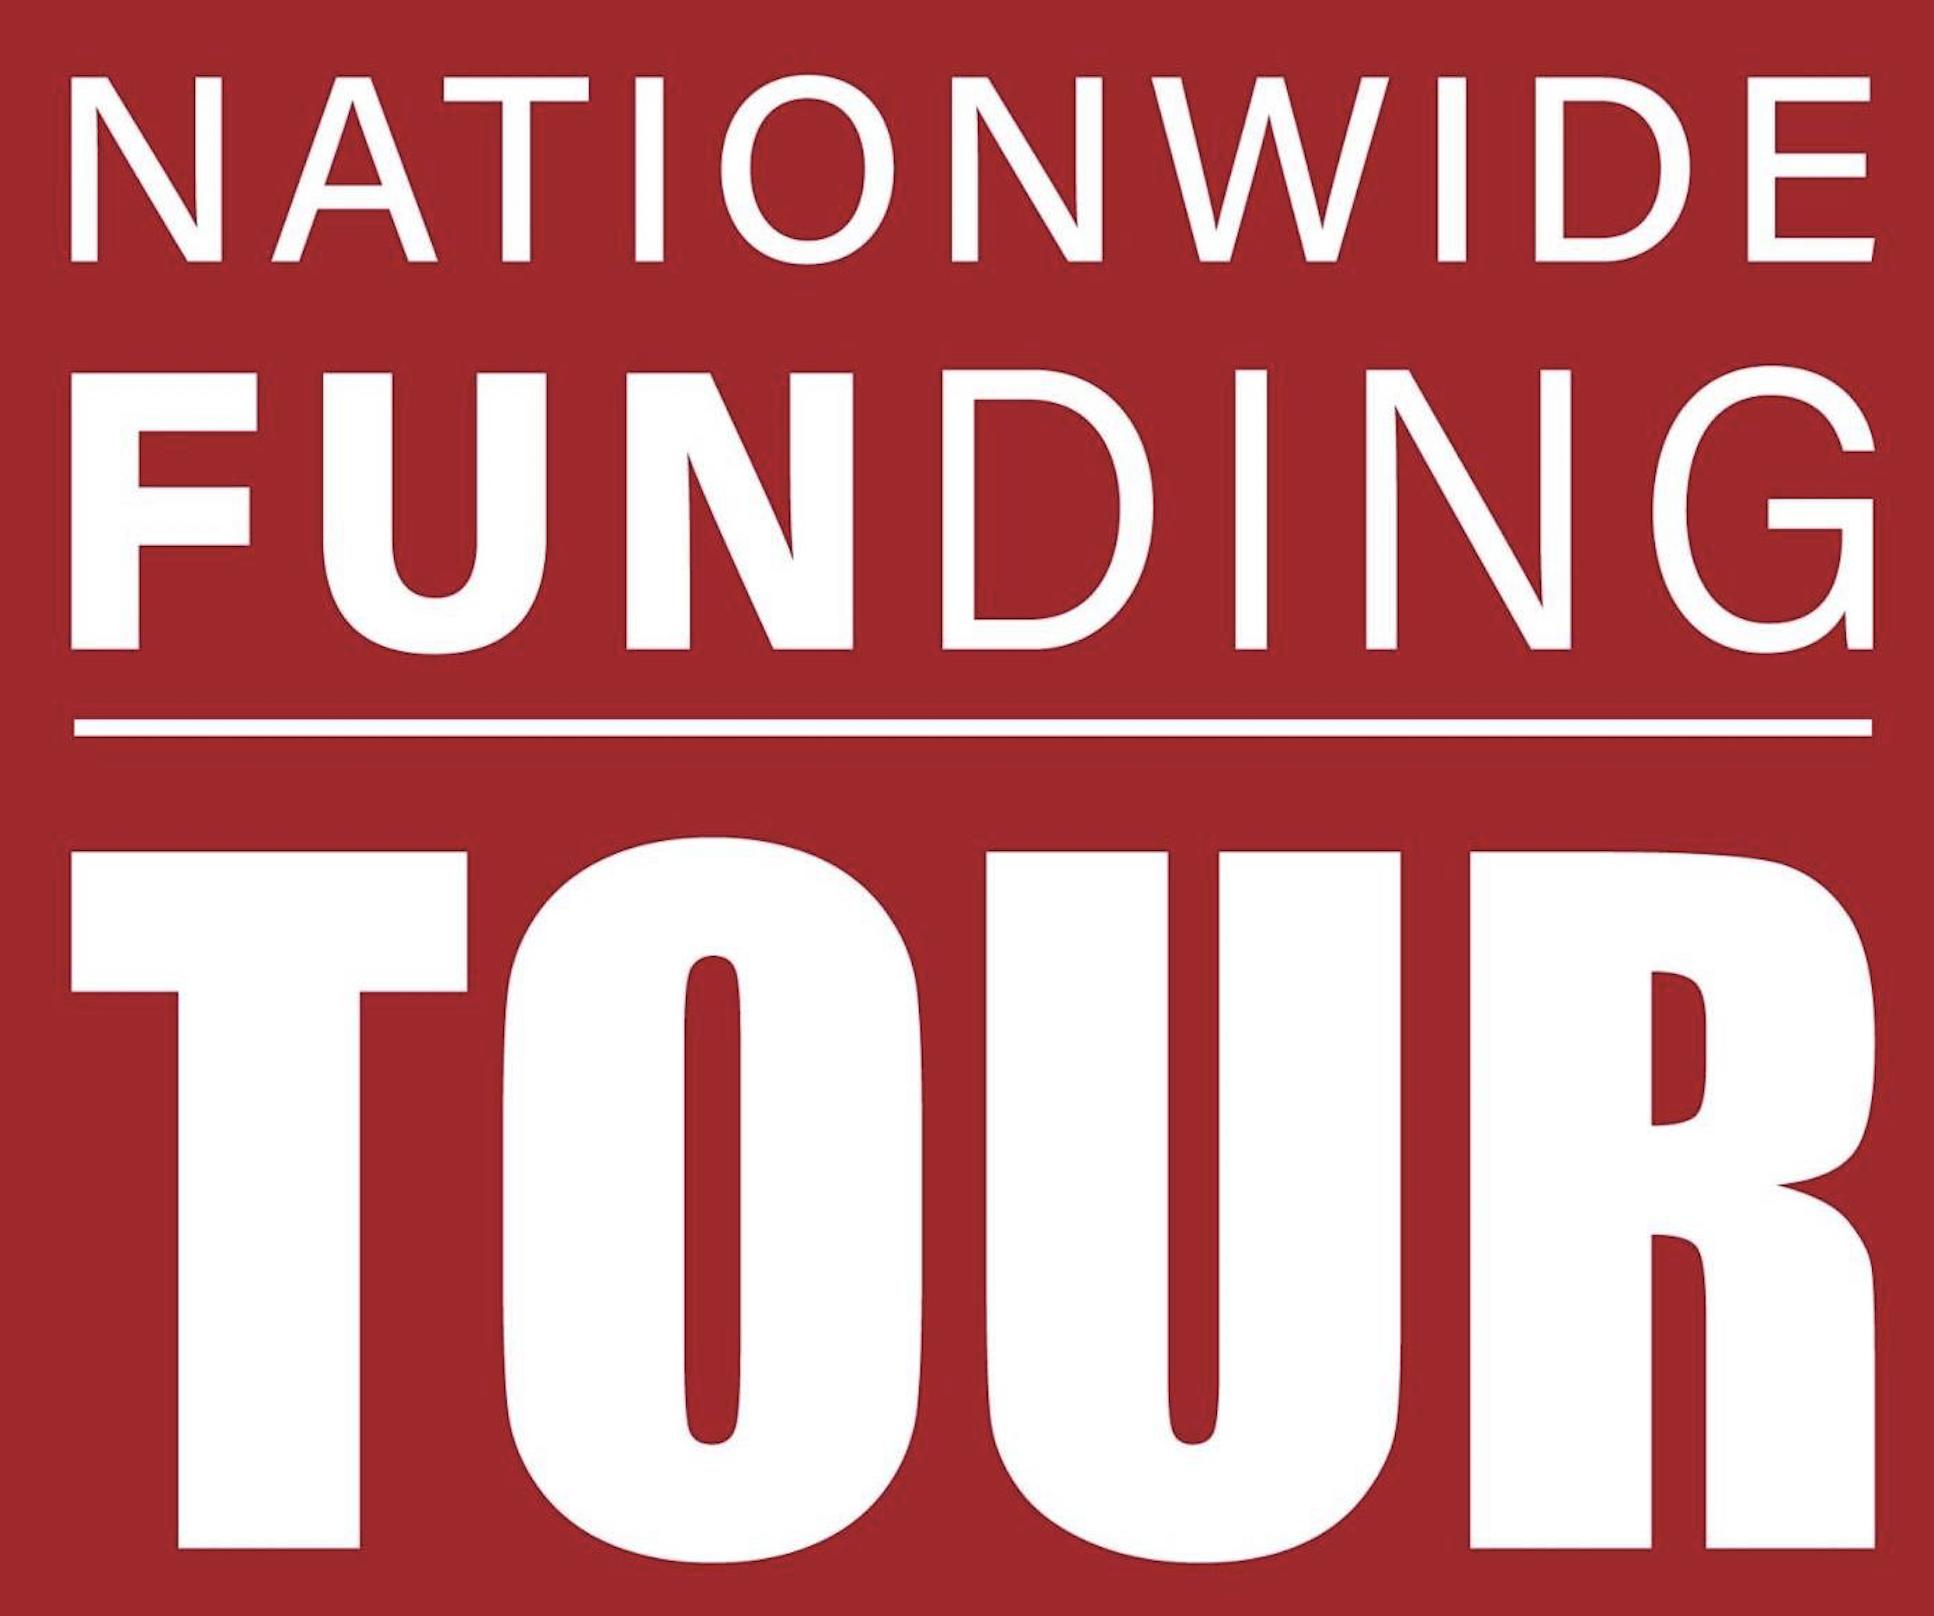 fundingtour.com